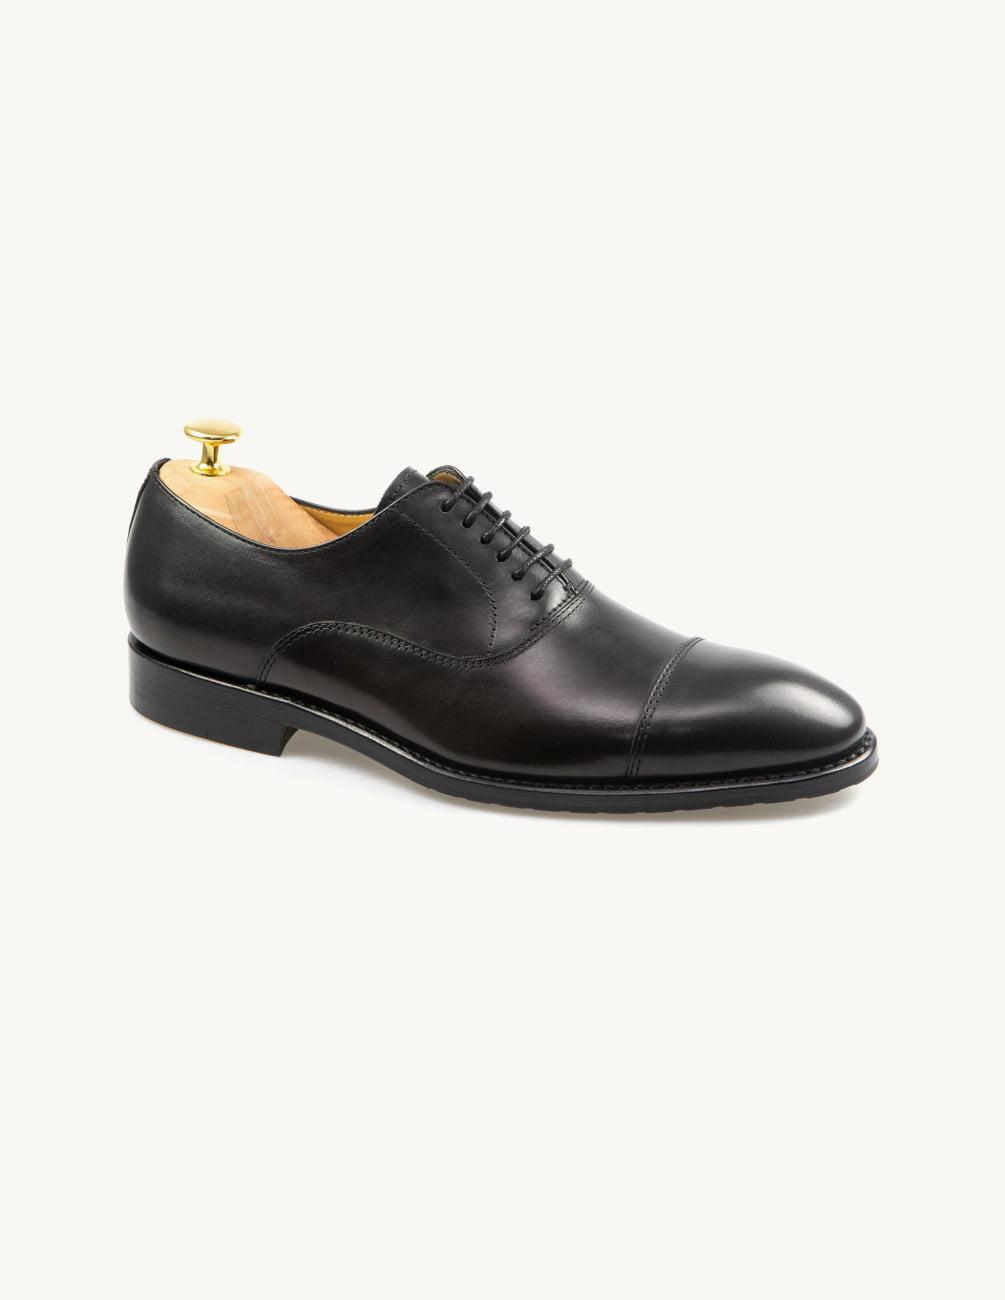 Sapatos pretos homem feitos à mão em Portugal